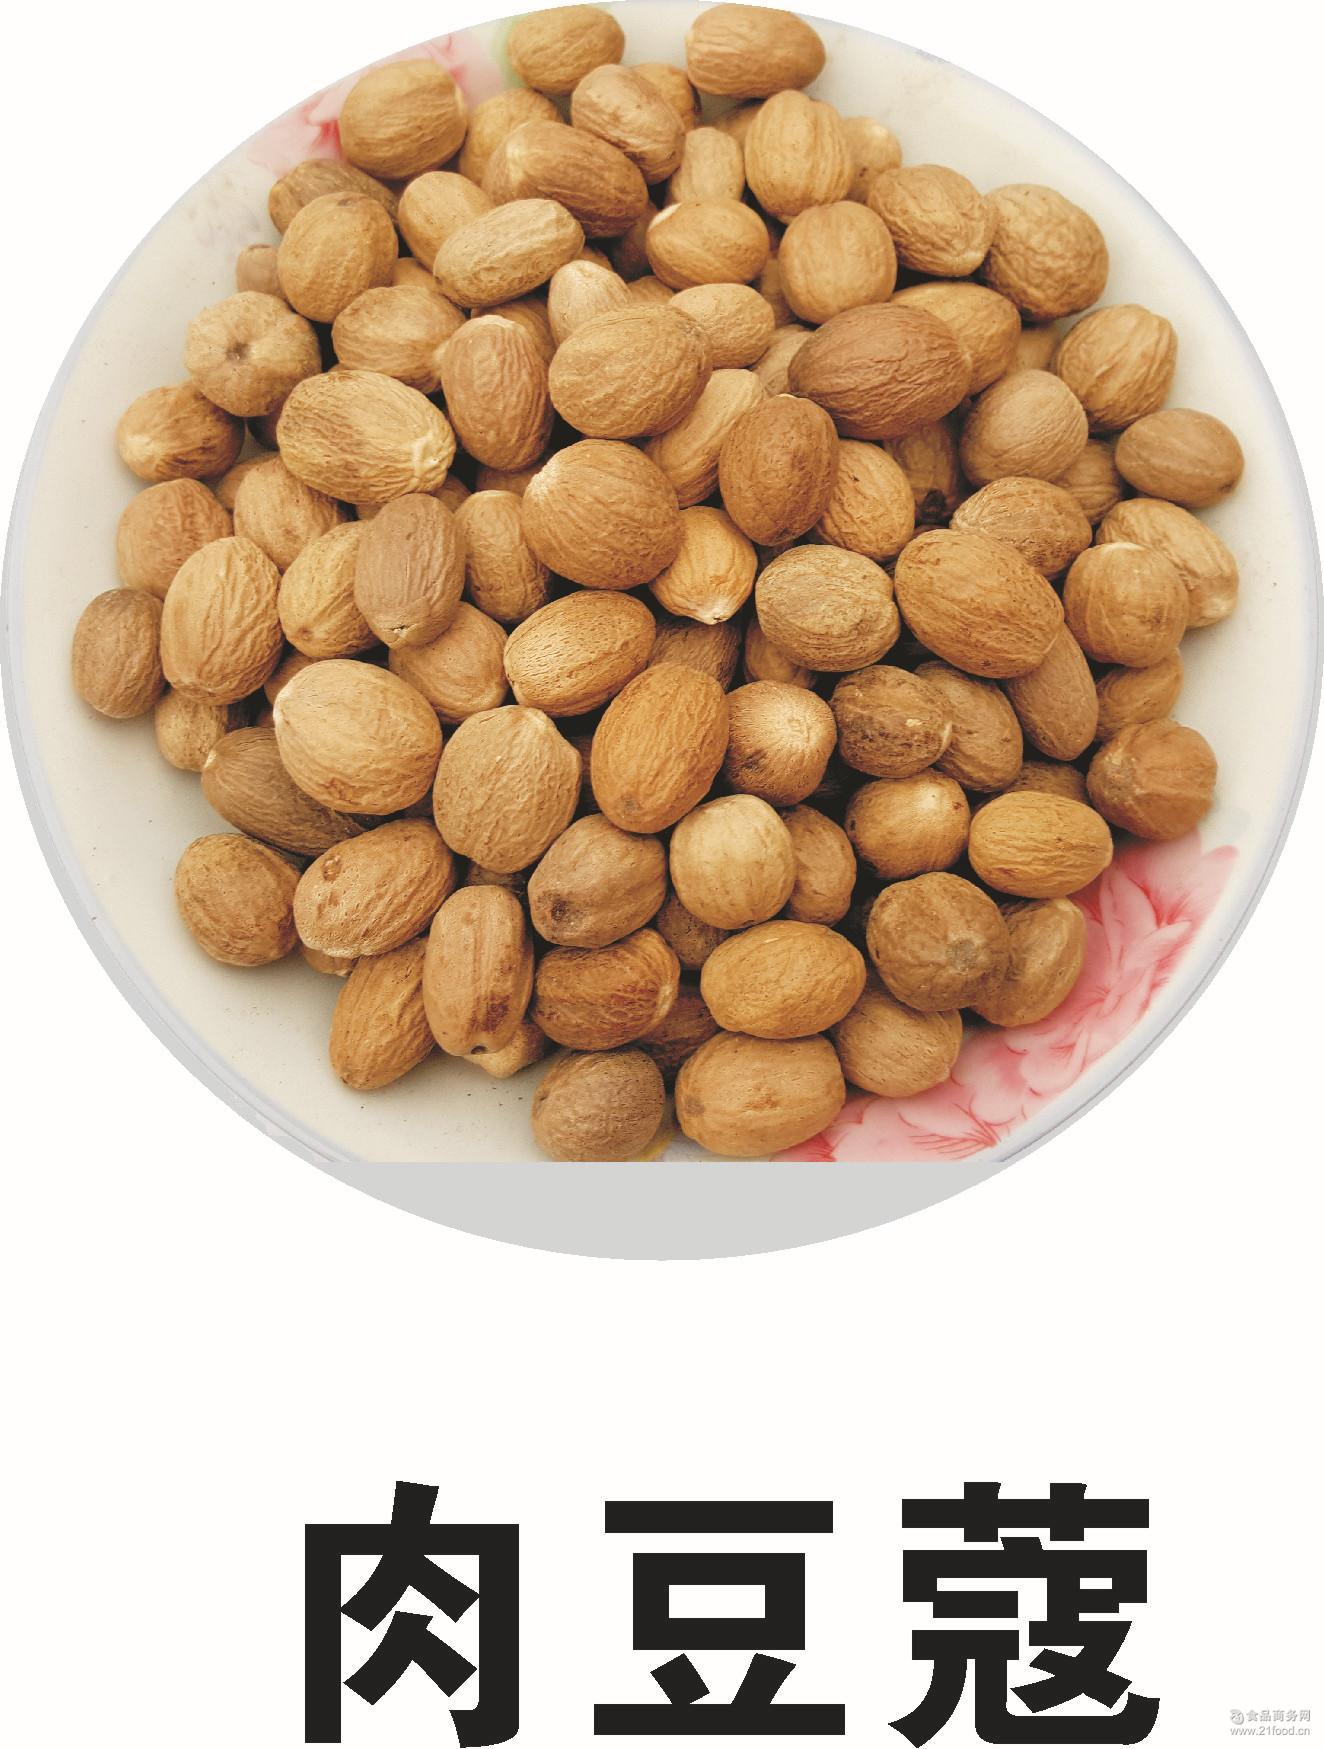 火锅底料专用 肉蔻 香辛料 厂家直销